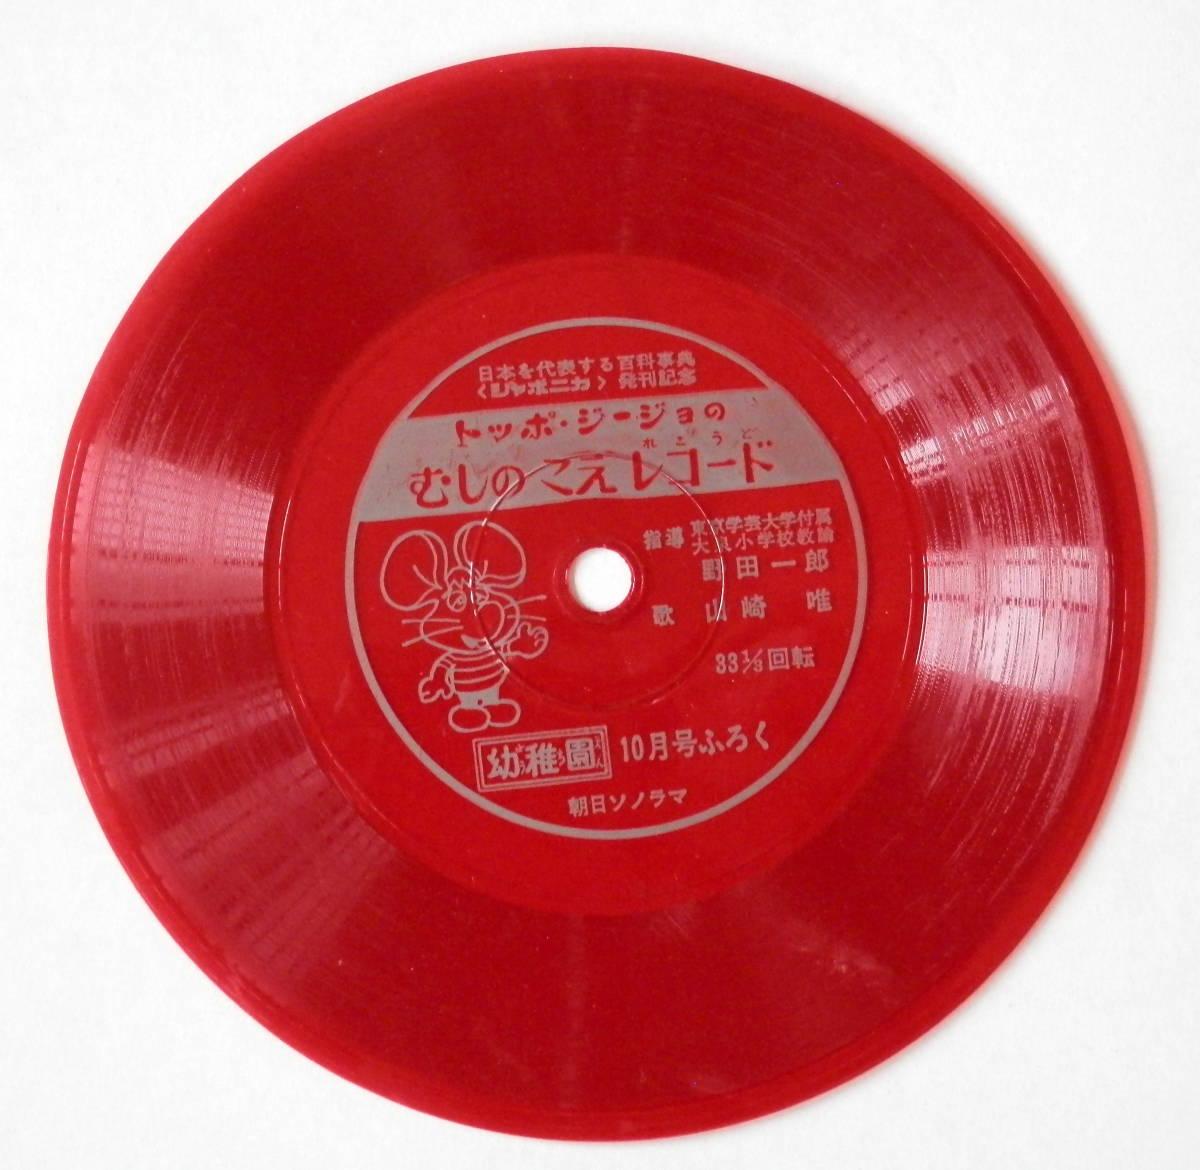 【ソノシート】トッポ・ジージョのむしのこえレコード :幼稚園10月号ふろく_画像1